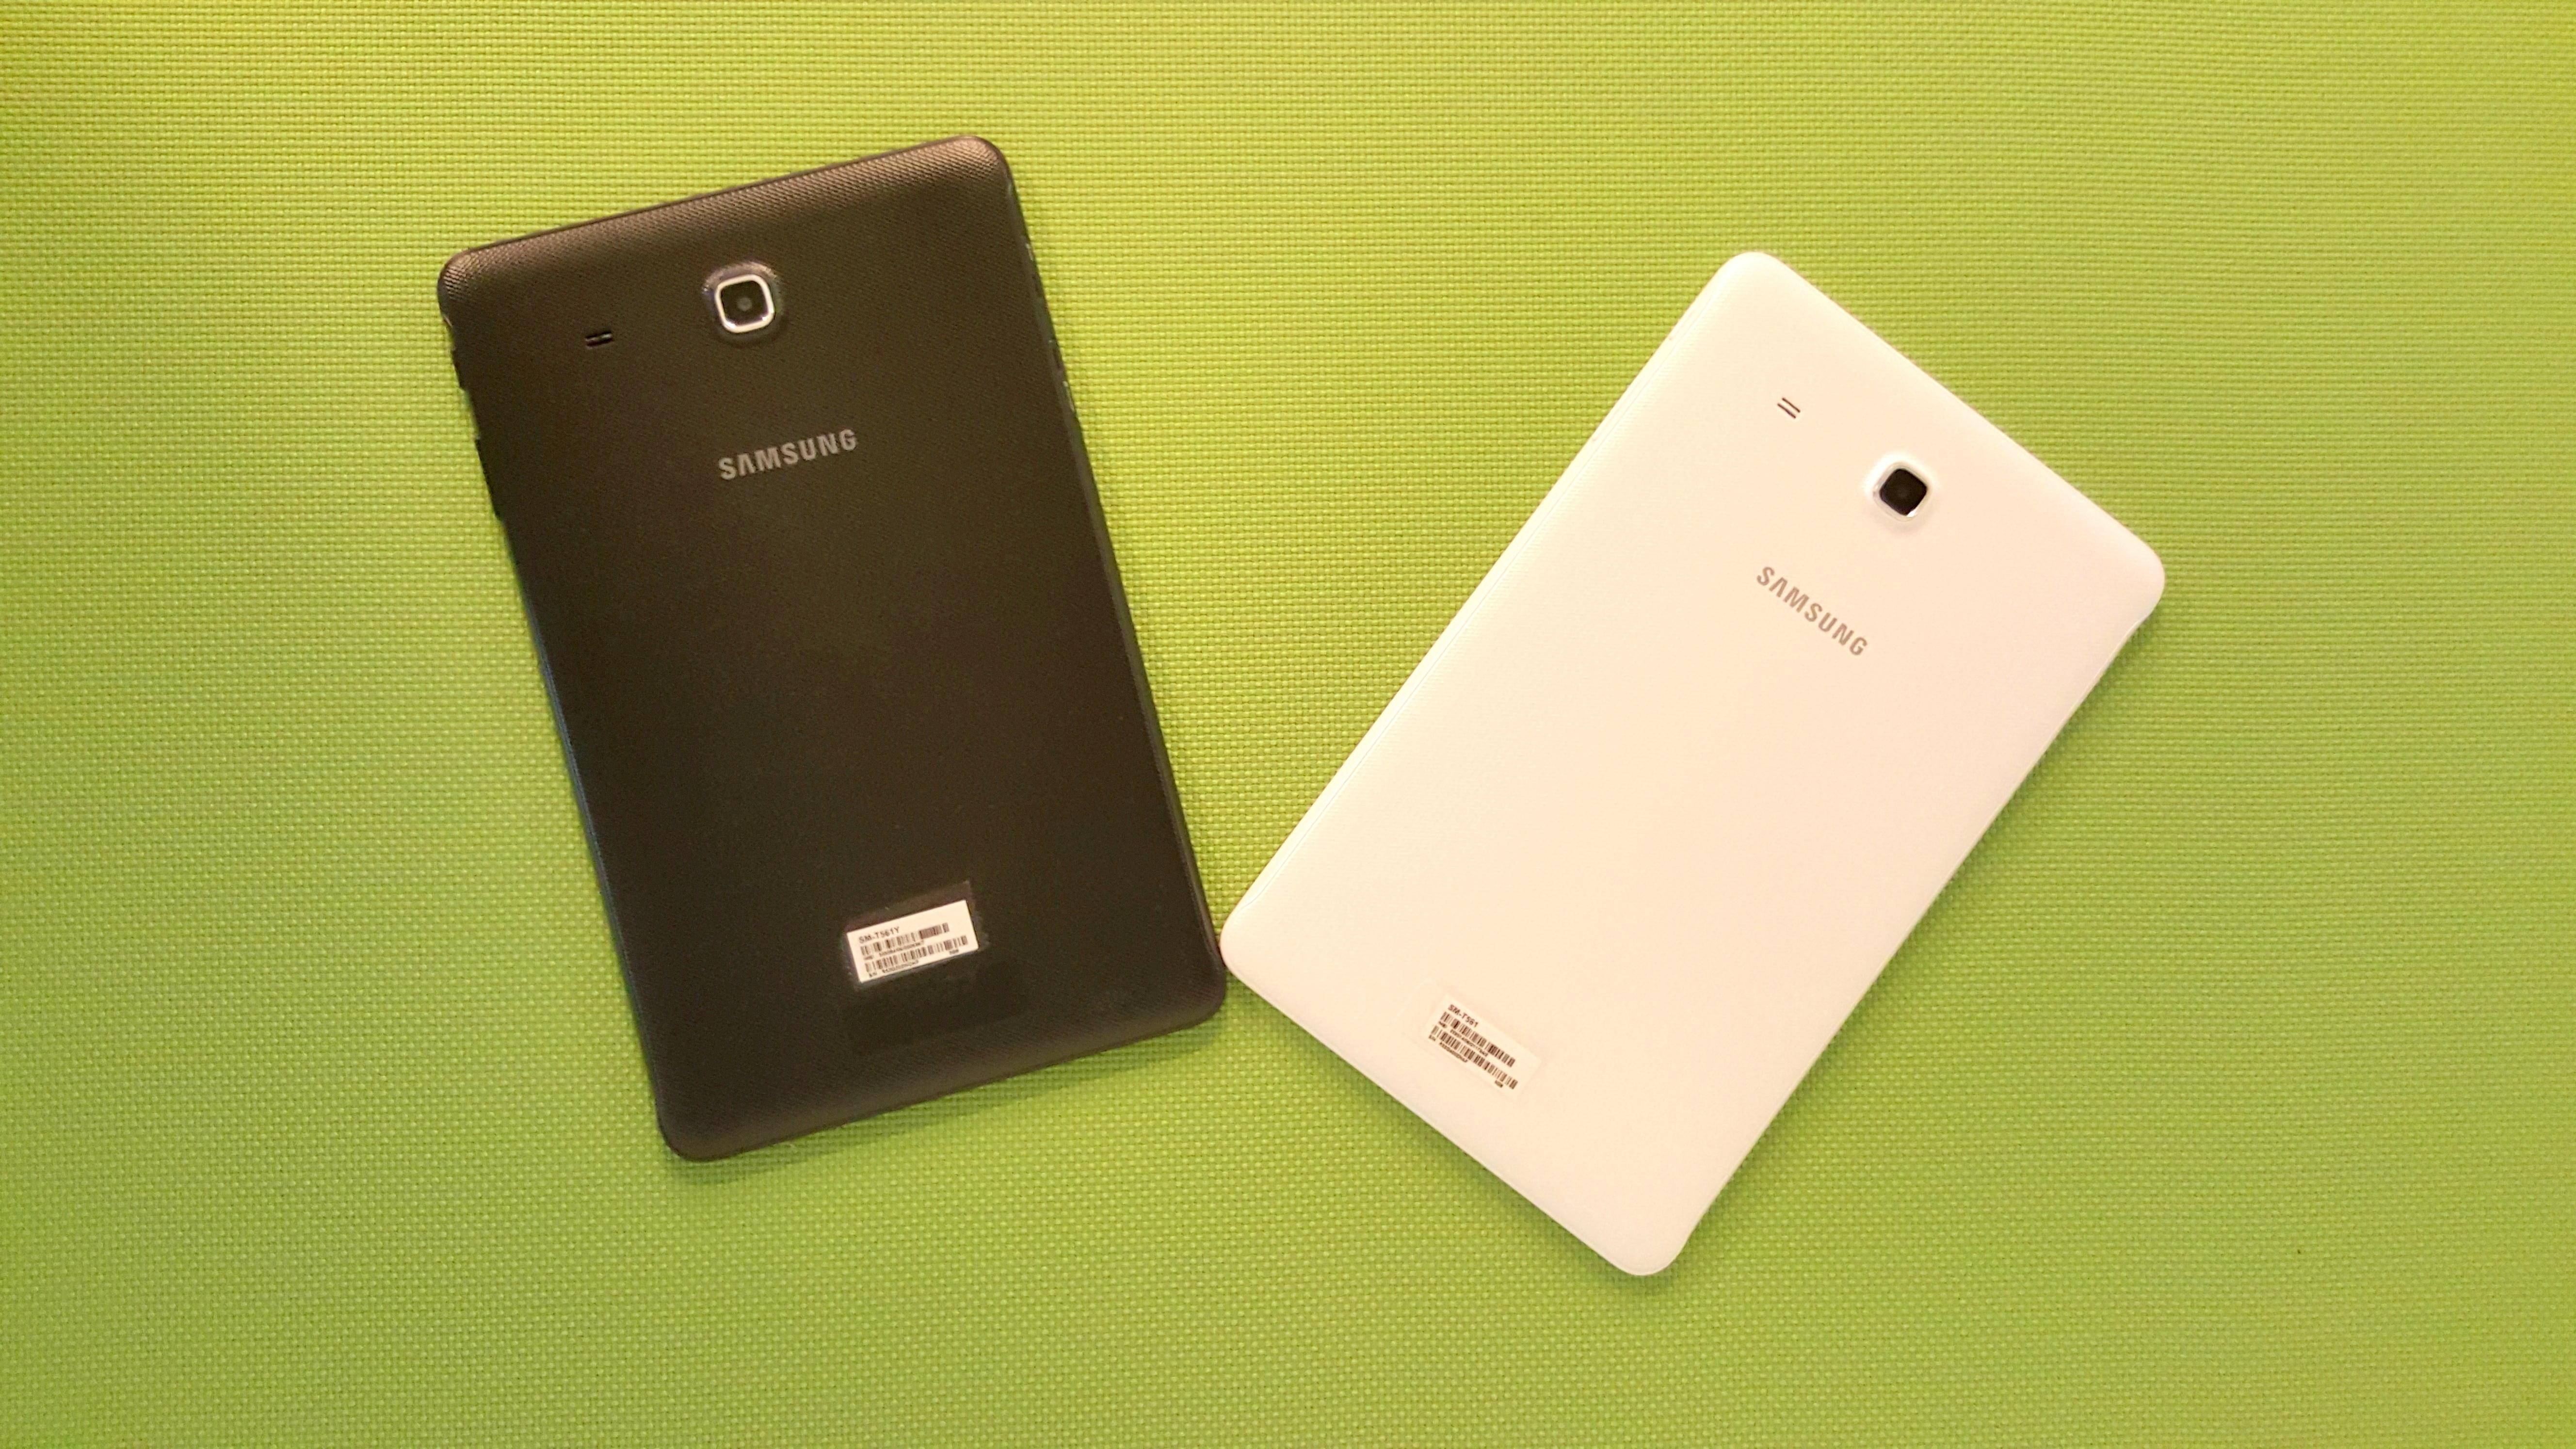 Galaxy Tab E cấu hình tốt giá hợp lý